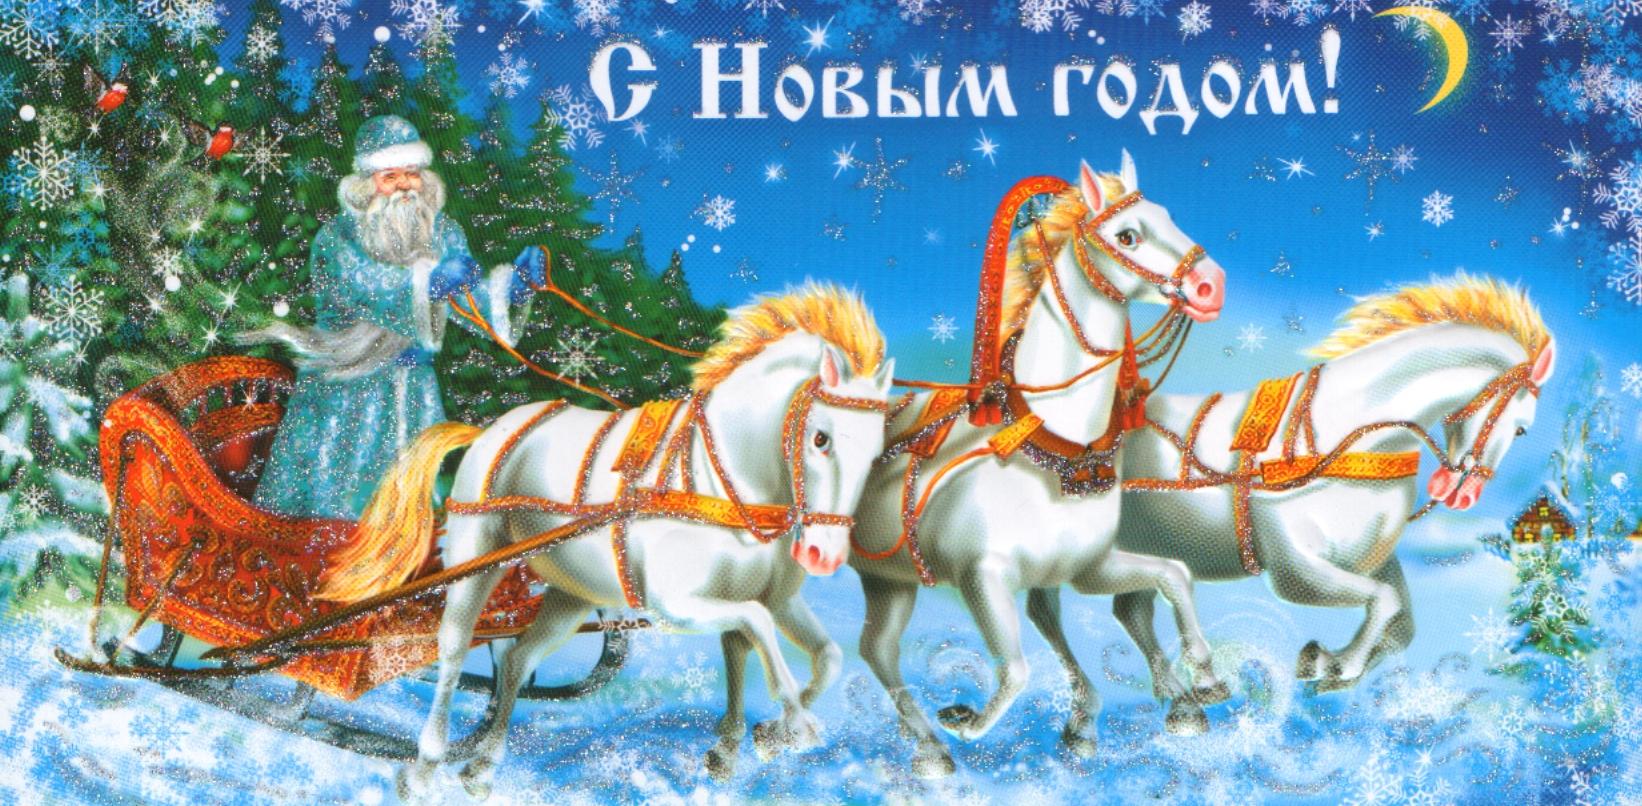 Открытки с Новым Годом, Новогодние открытки - Страница 1 9